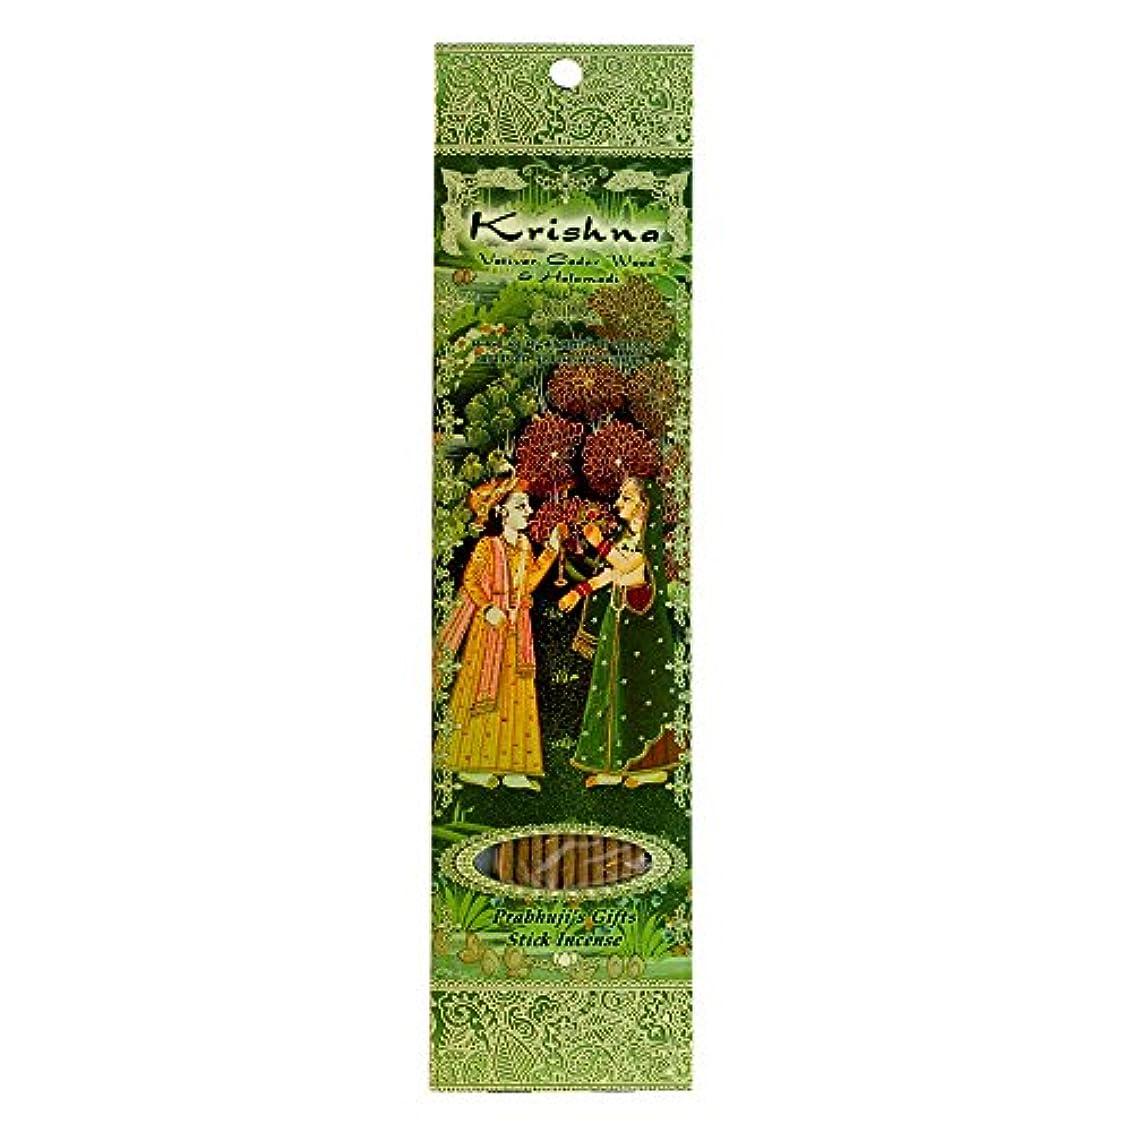 銀河いま面白い(Krishna, 1) - Ramakrishna Incense Sticks, Krishna, Vetiver, Cedar wood & Halamadi, Single Pack